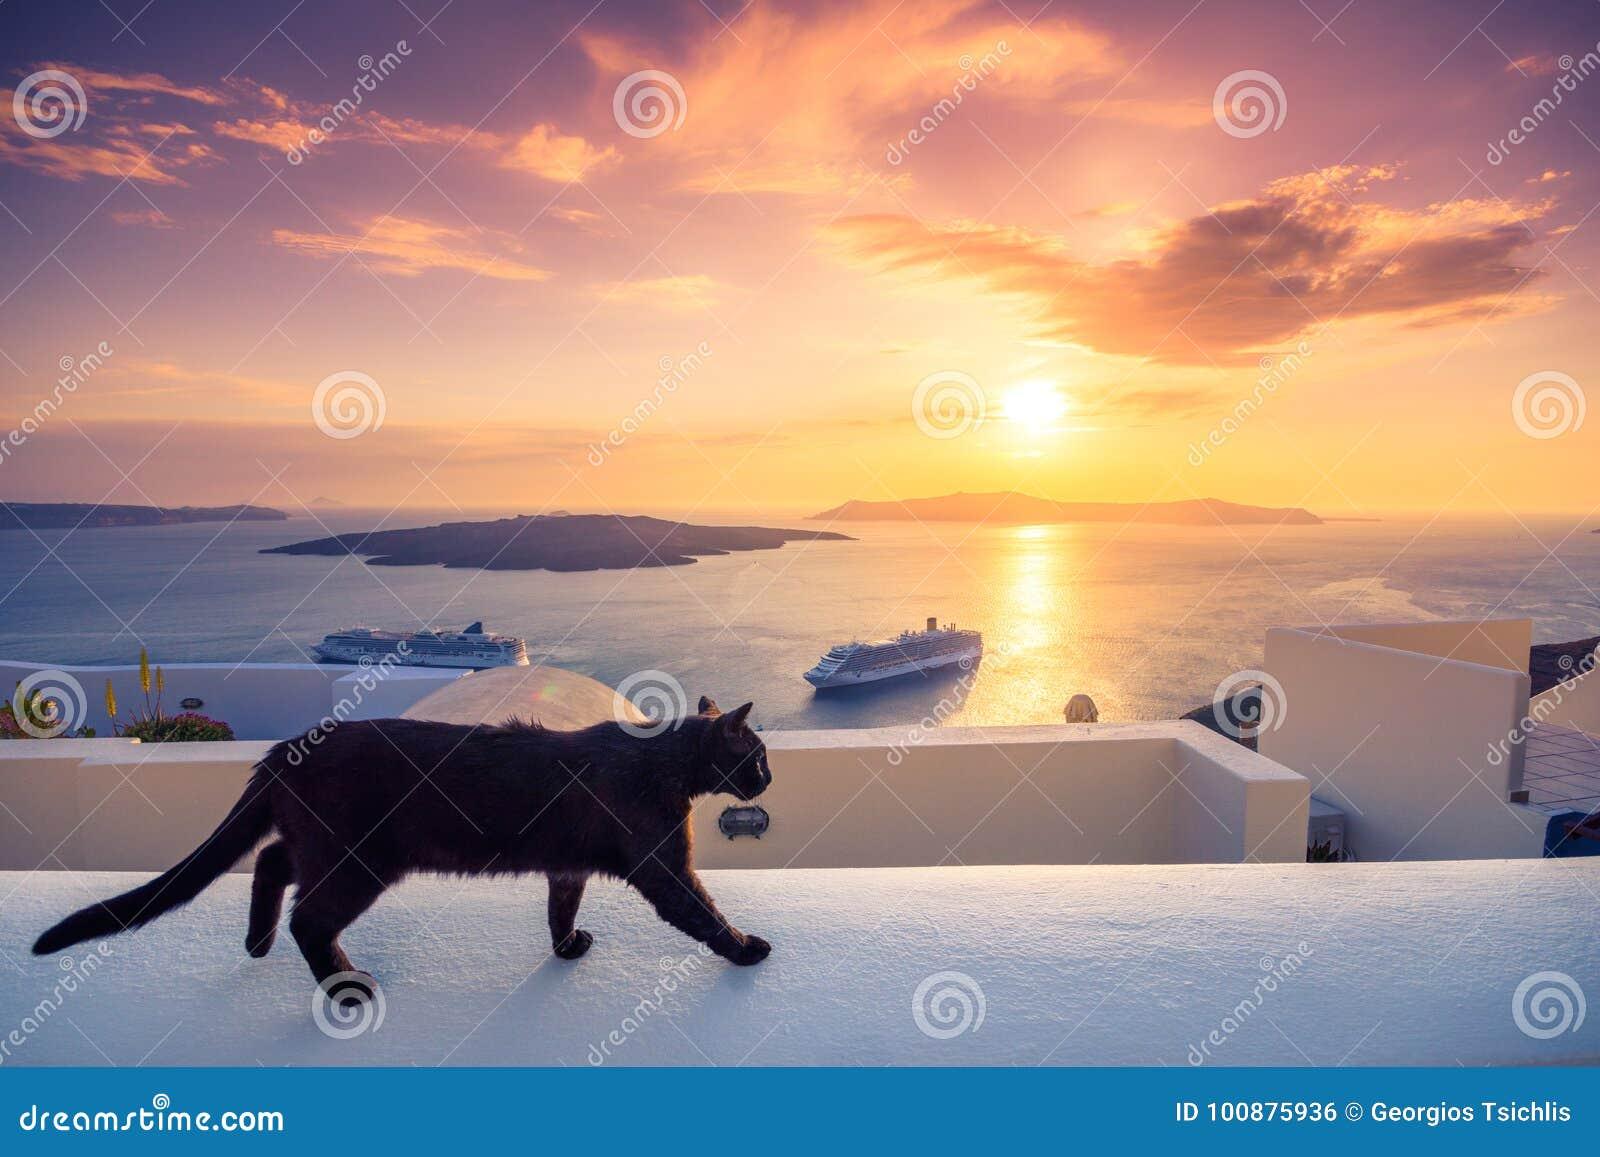 Un gato negro en una repisa en la puesta del sol en la ciudad de Fira, con la vista de la caldera, del volcán y de los barcos de